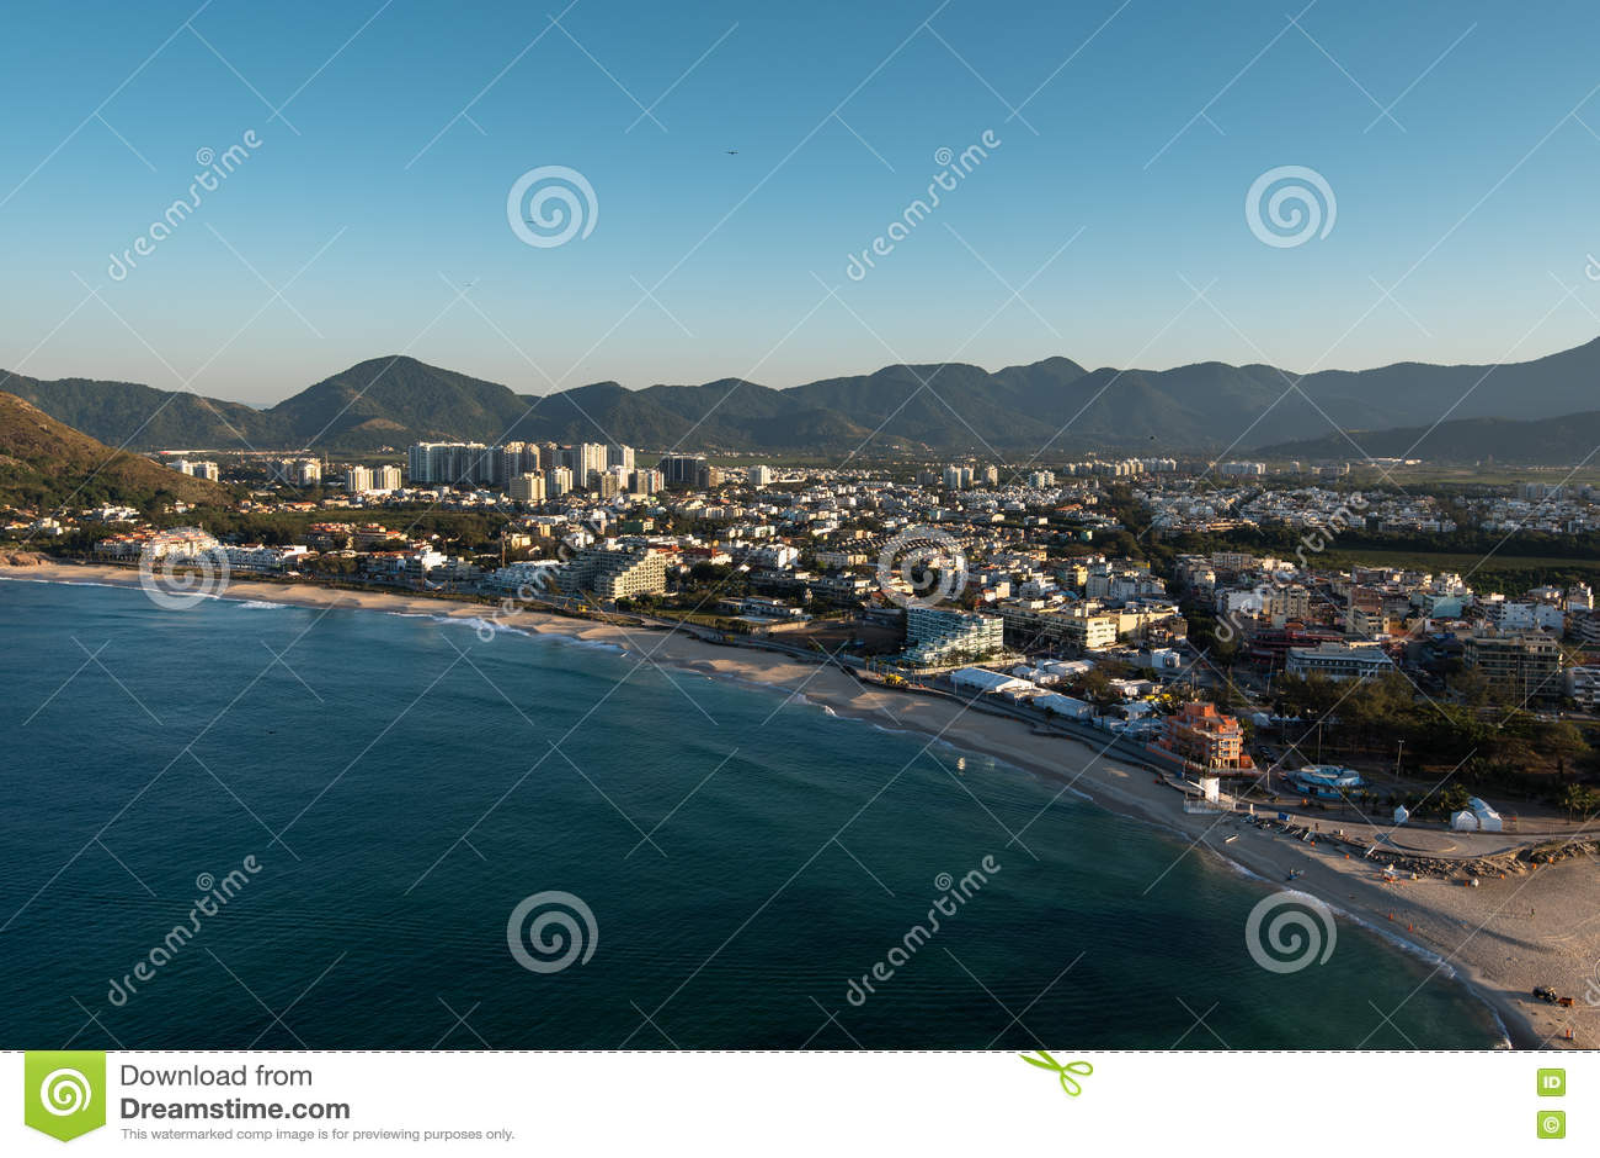 Recreio Region in Rio